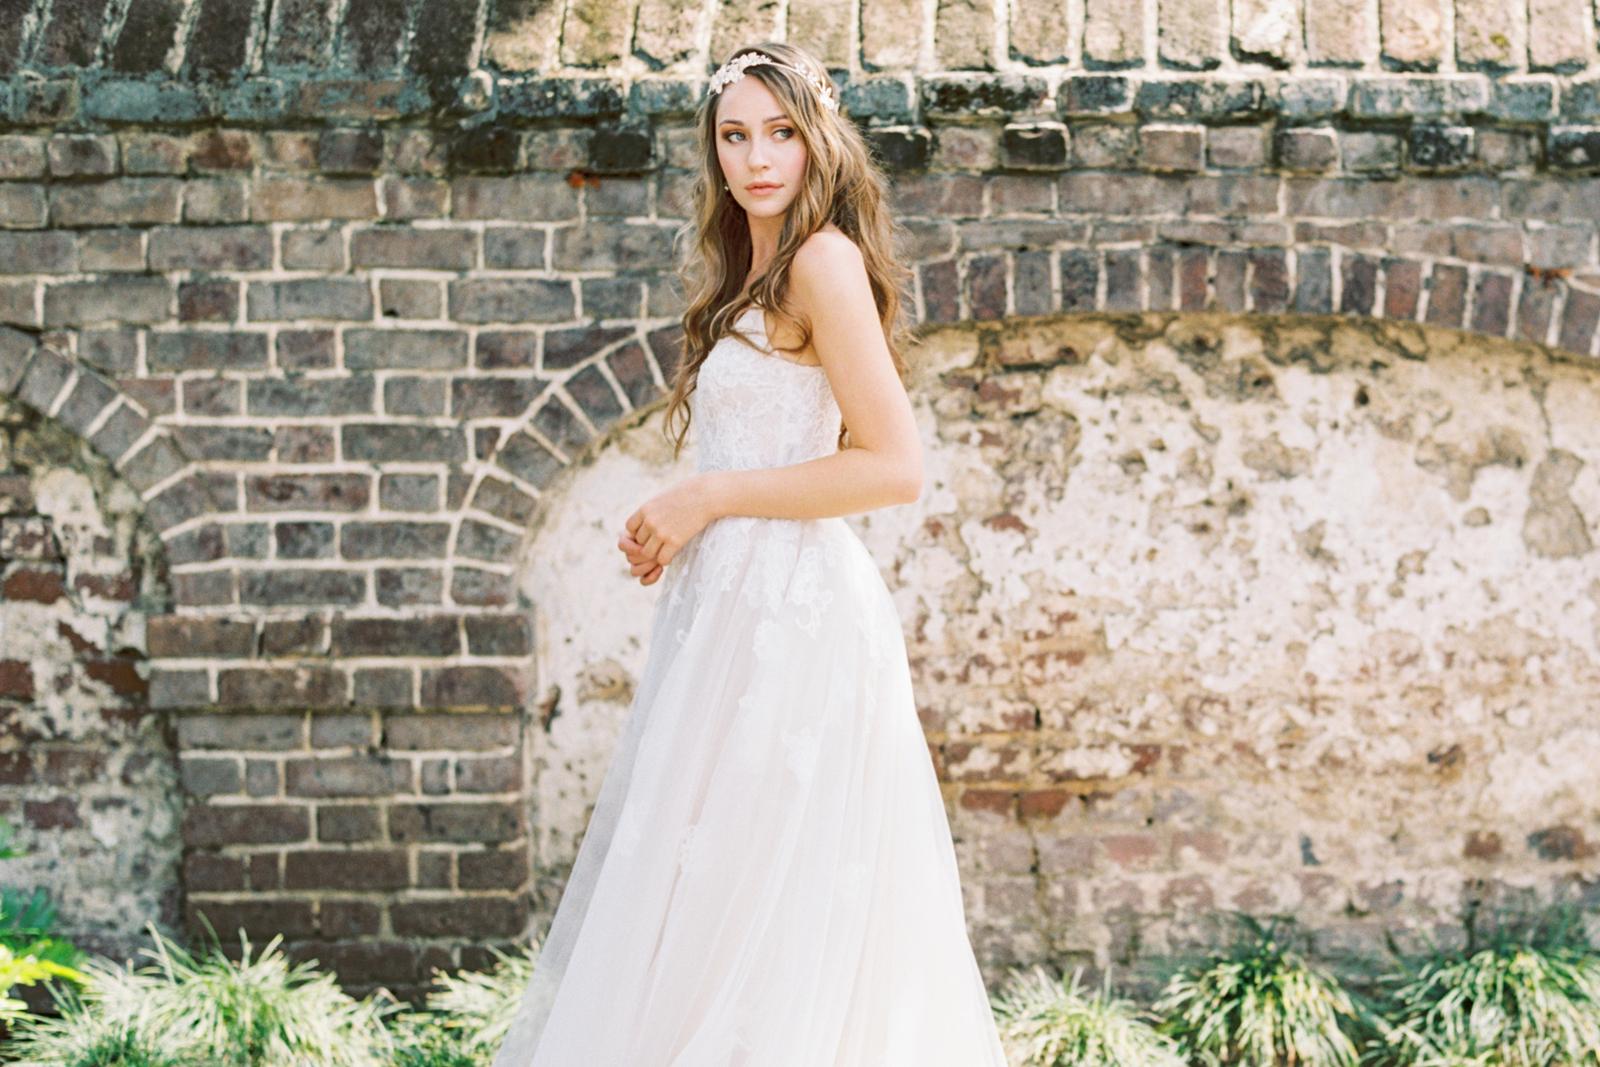 cabc931ee5 Cheap Boutique Wedding Dresses